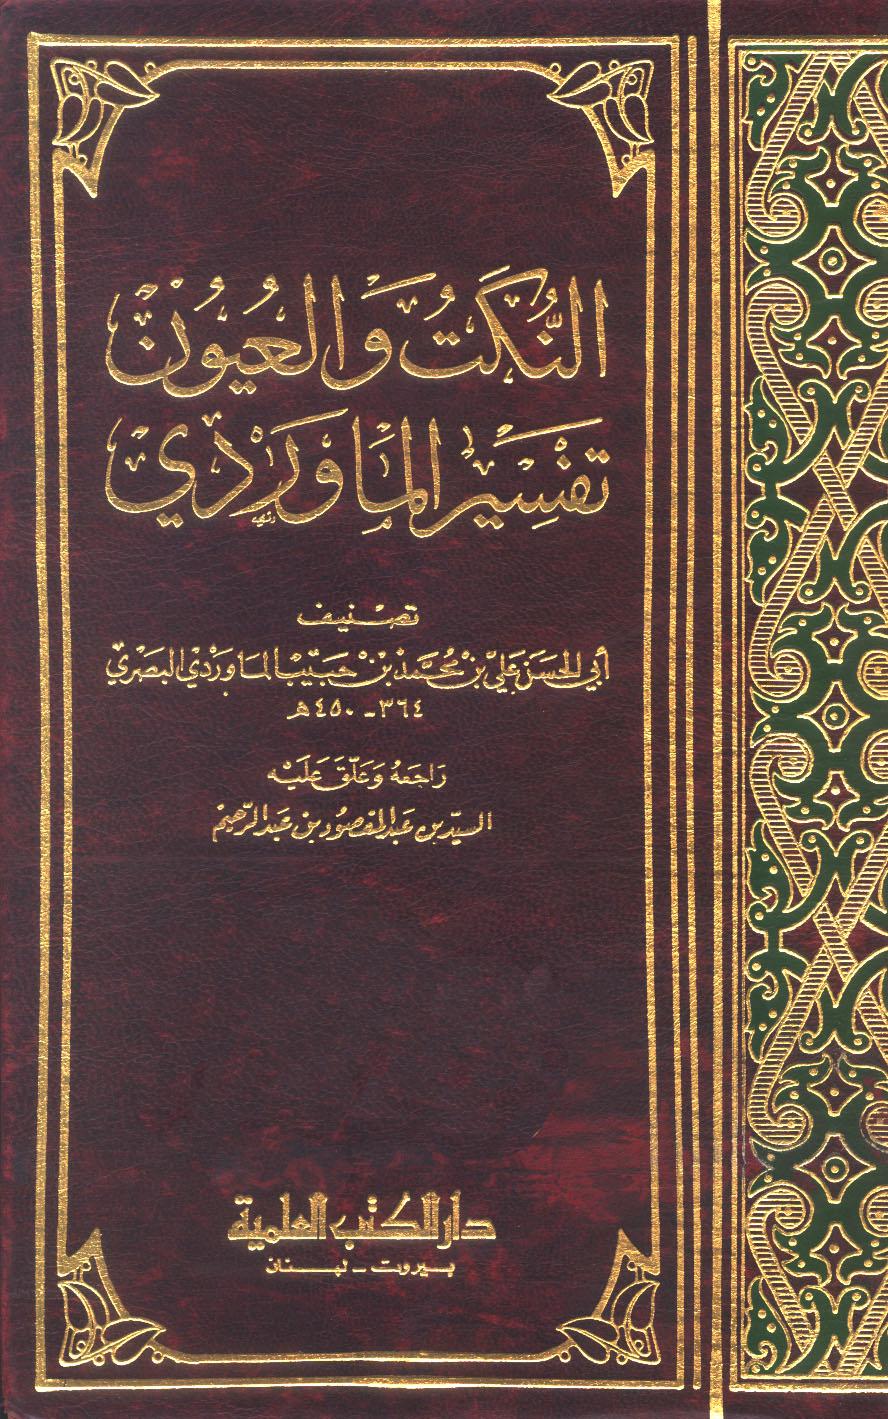 تحميل كتاب النكت والعيون (تفسير الماوردي) لـِ: الإمام أبو الحسن علي بن محمد بن محمد البصري البغدادي، الماوردي (ت 450)